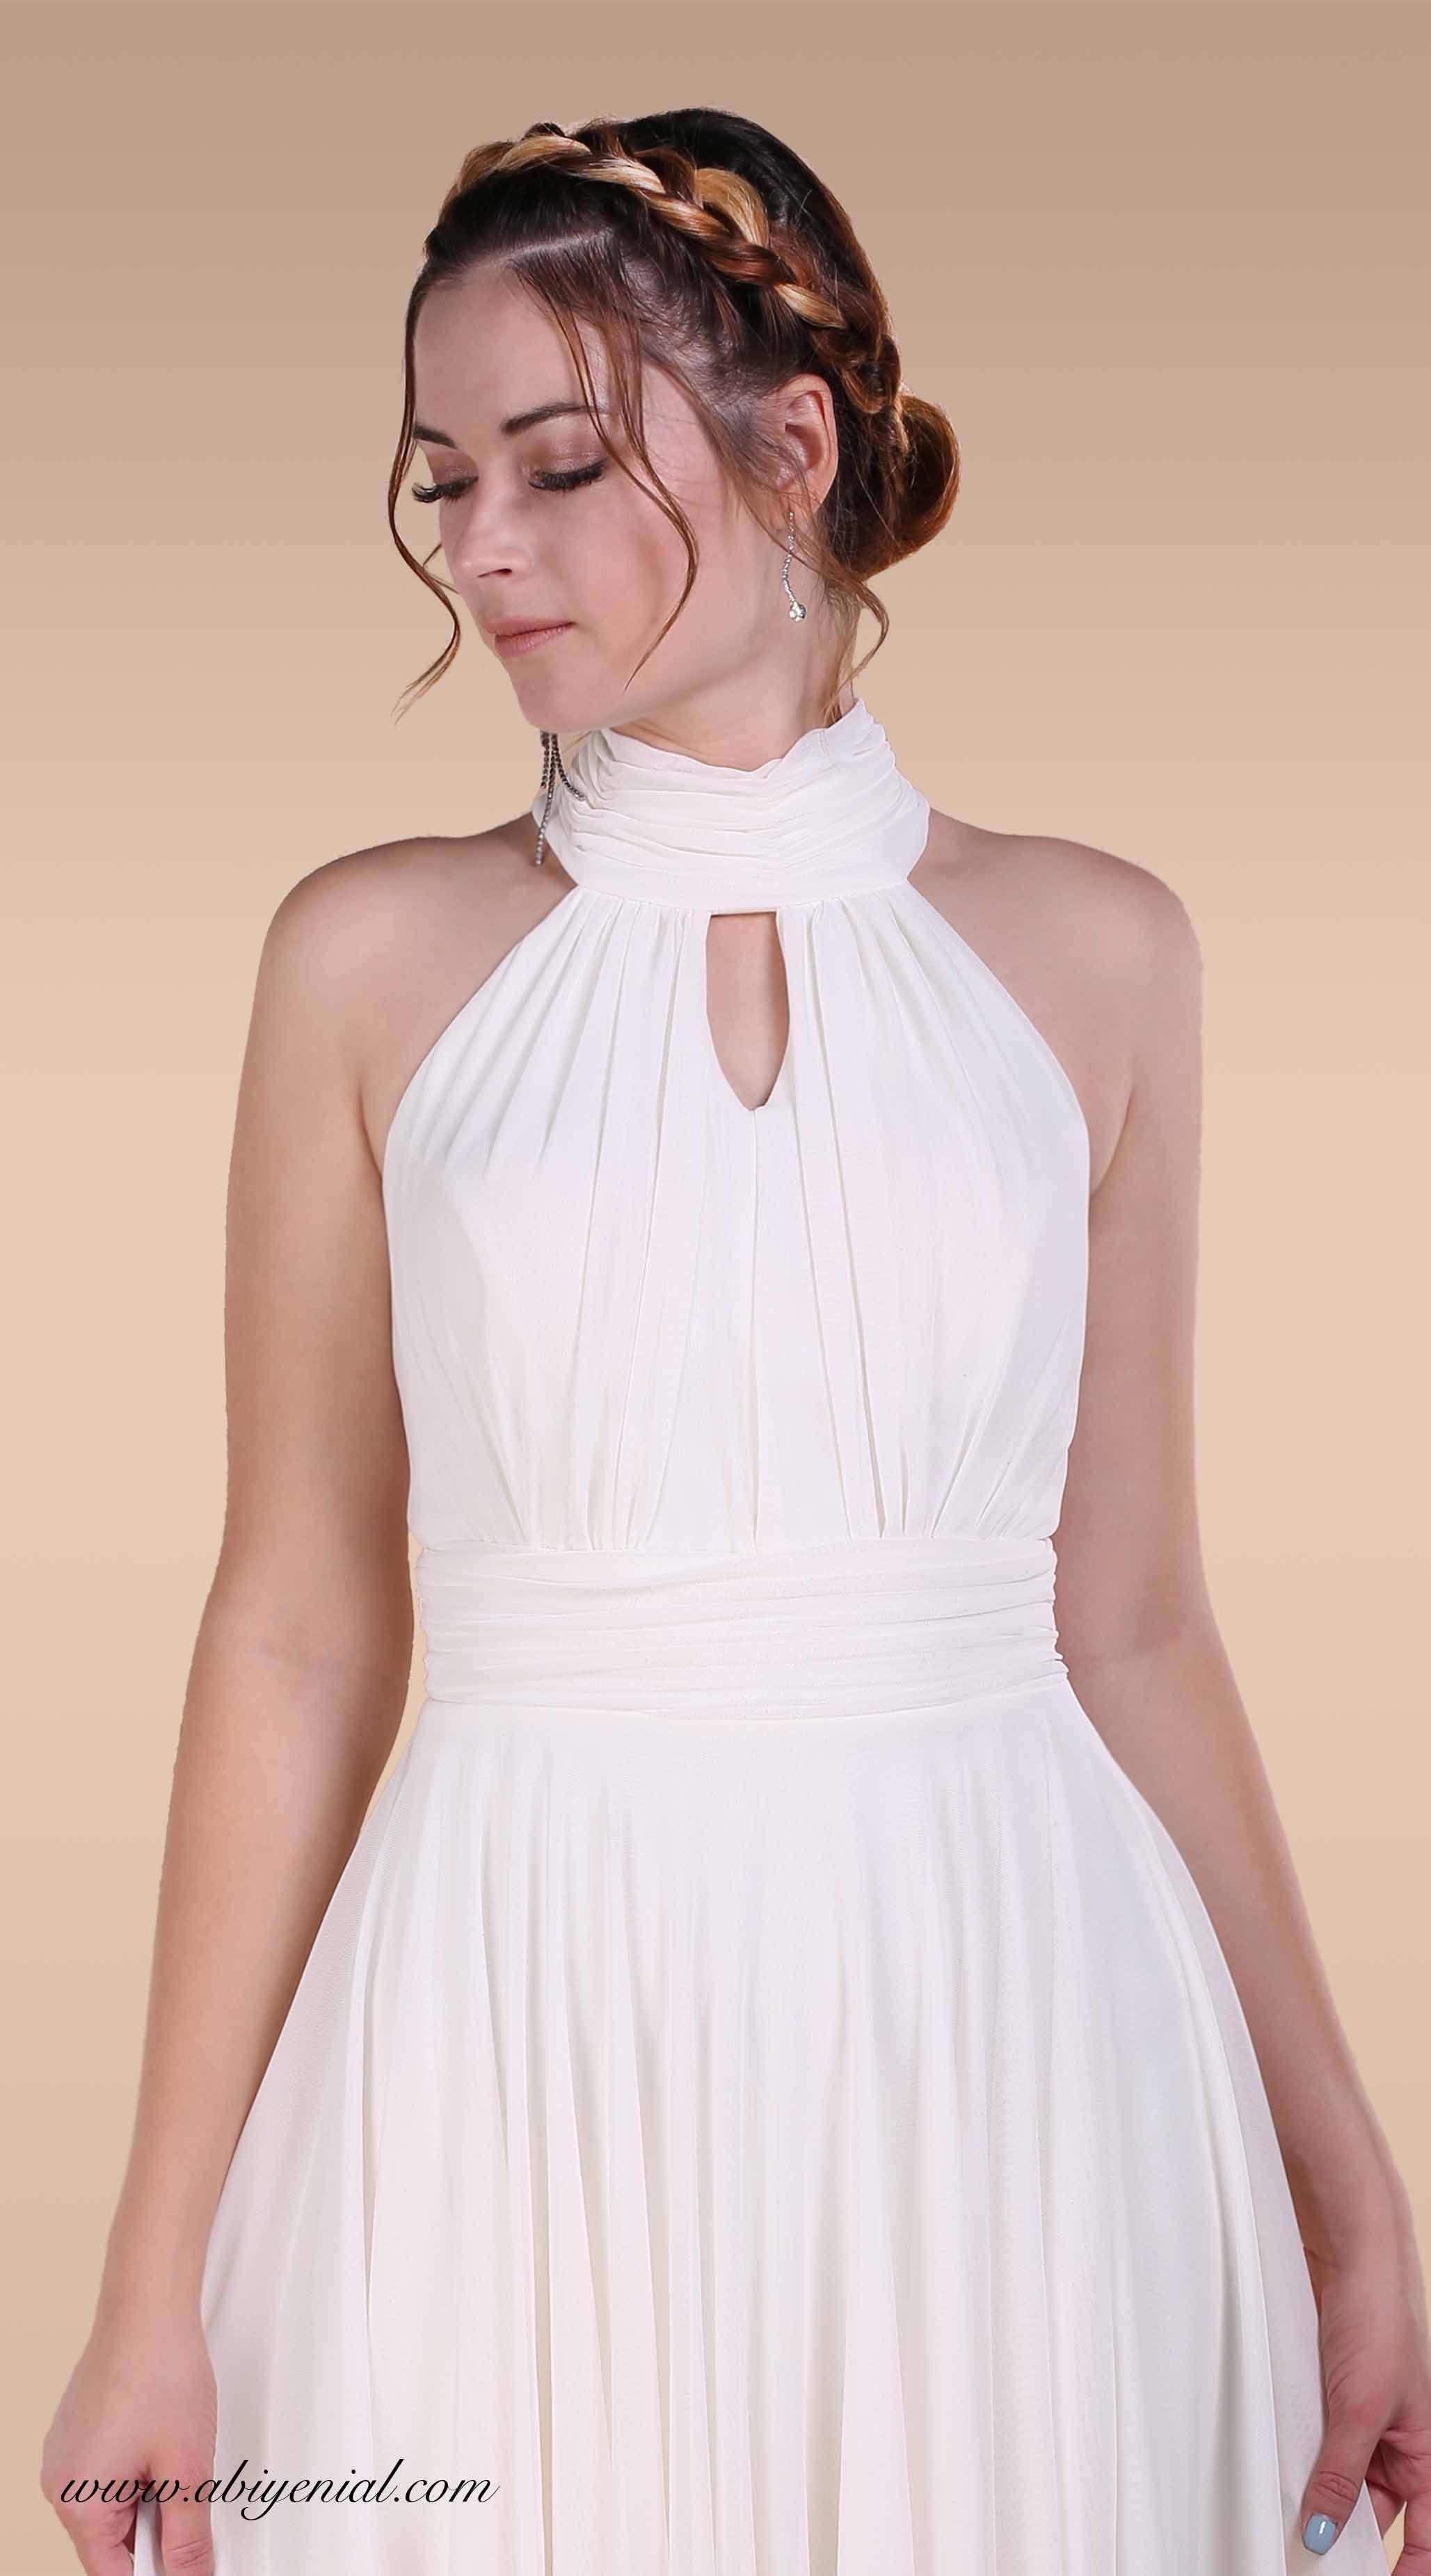 Dantel Balik Abiye Elbise Nikah Abiyesi Nikah Beyaz Sade Uzun Balikabiye Dantelli 2018 2019 Romantik Ekru Krem The Dress Elbise Aksamustu Giysileri